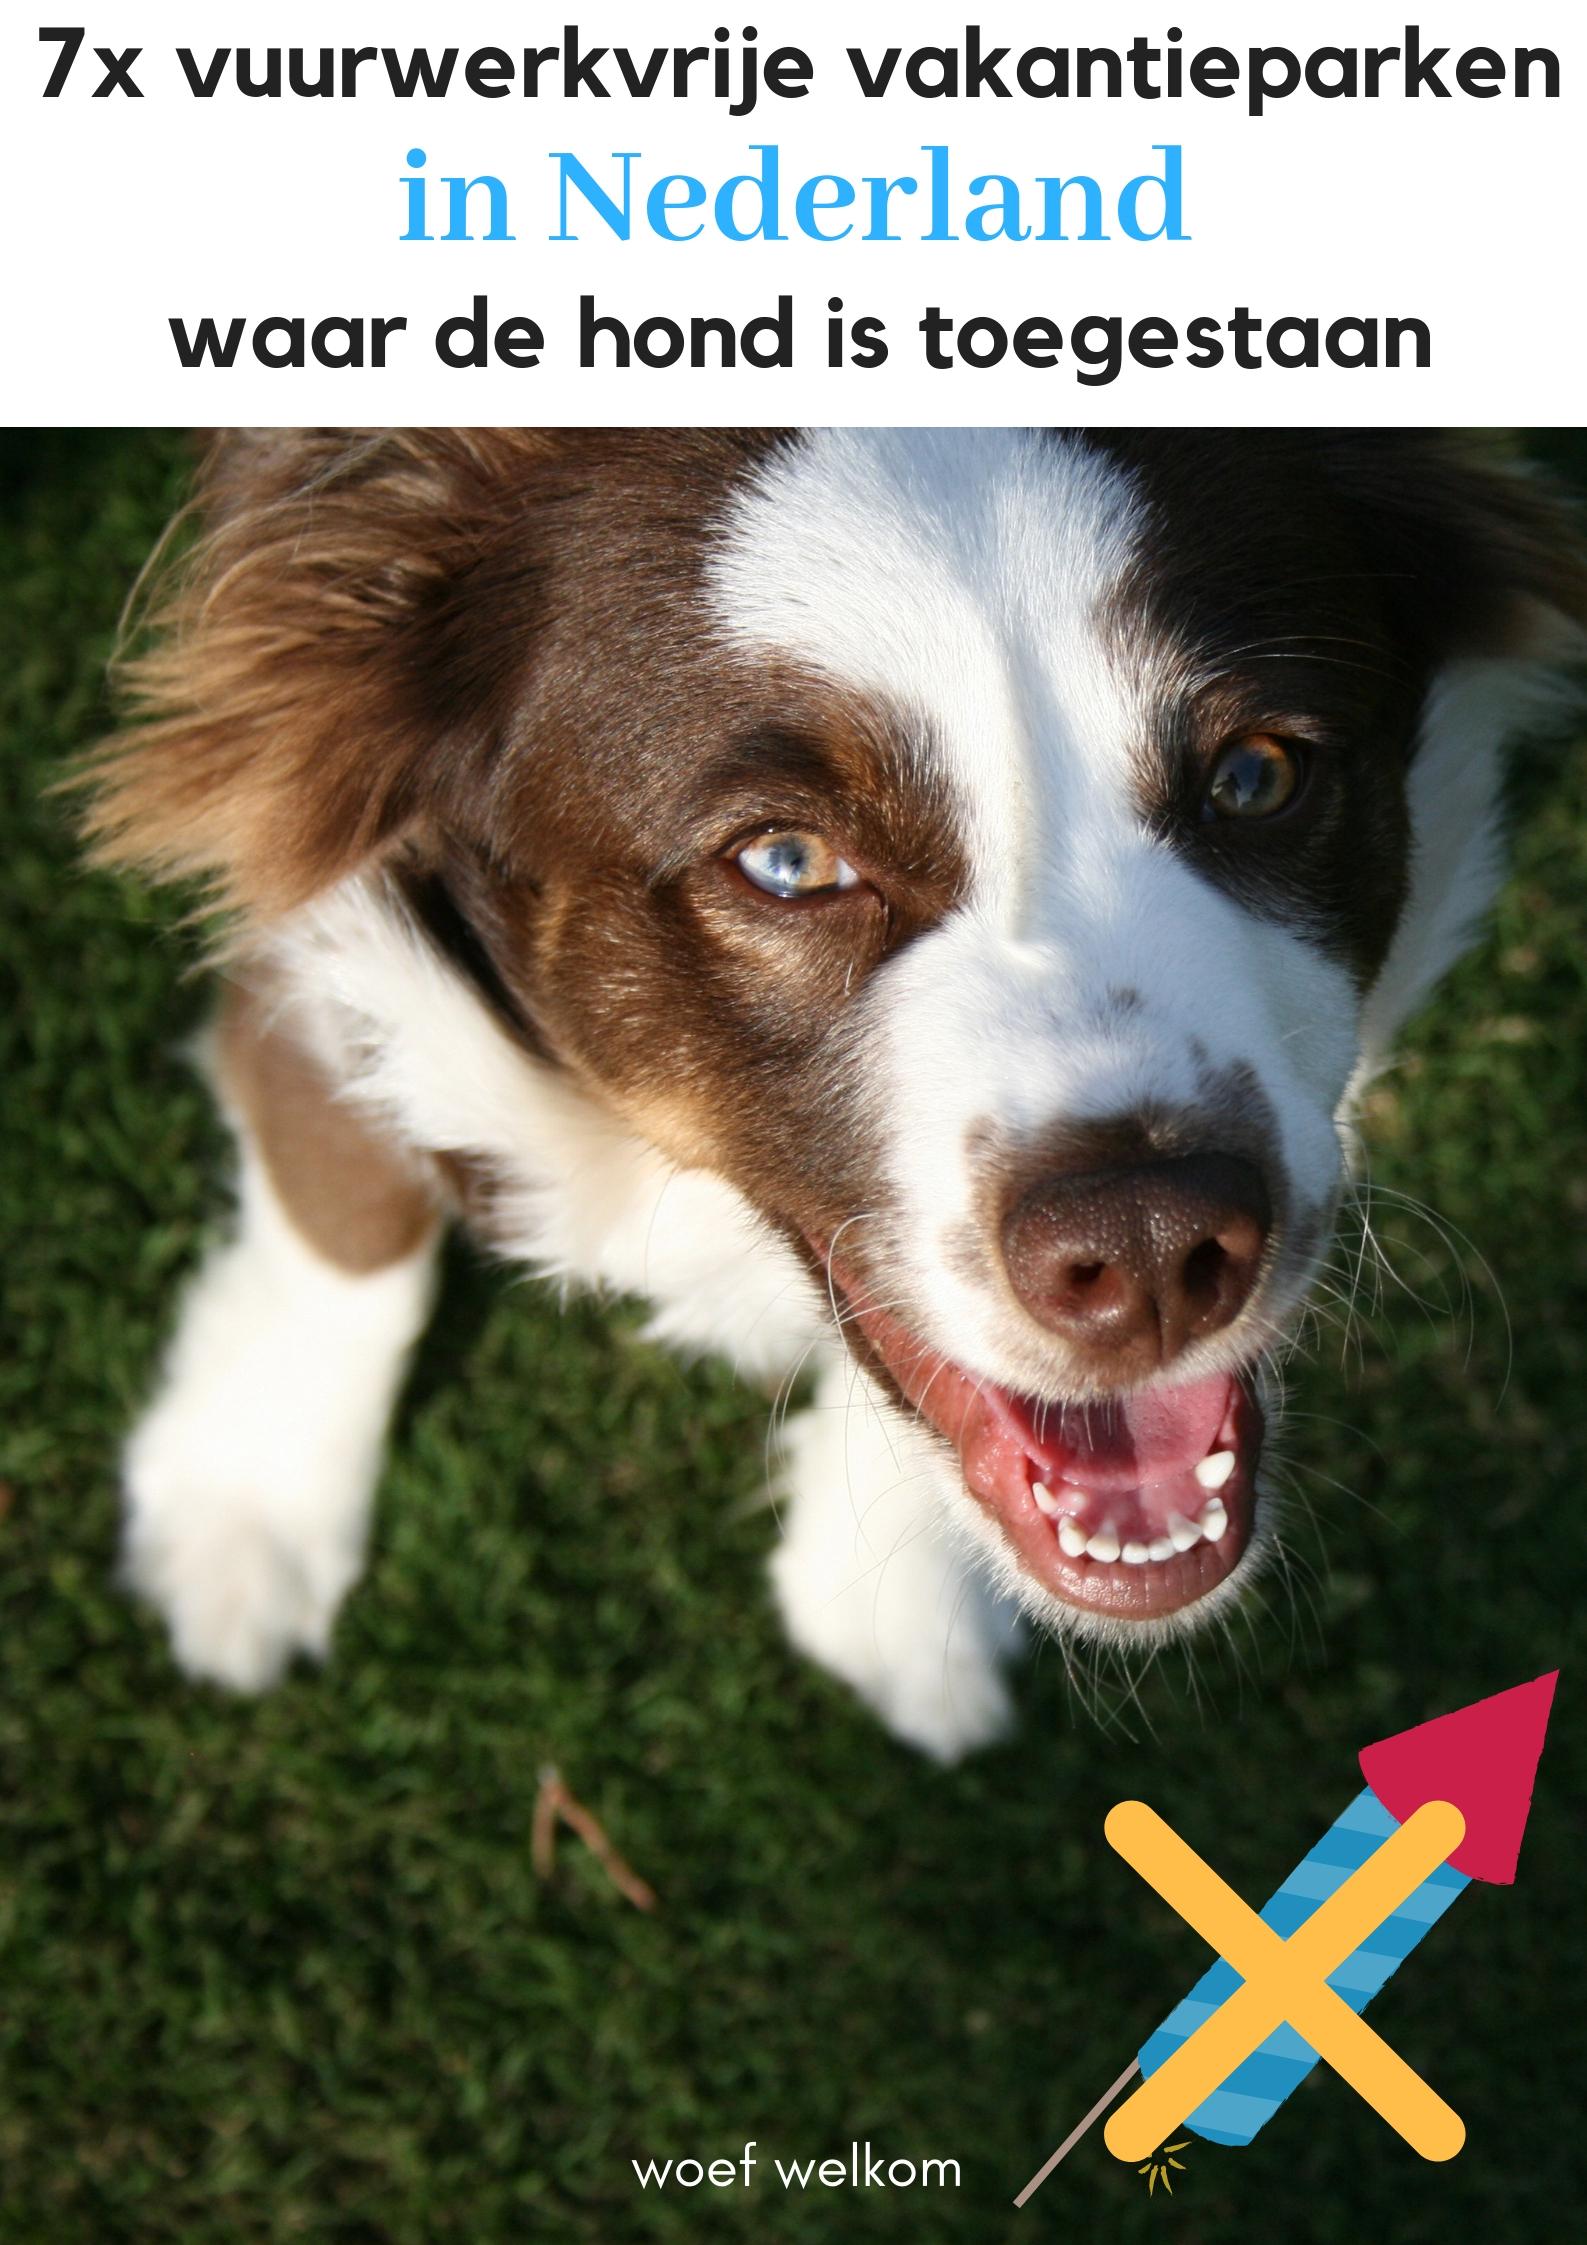 7x vuurwerkvrije vakantieparken in Nederland waar de hond is toegestaan - Woef Welkom